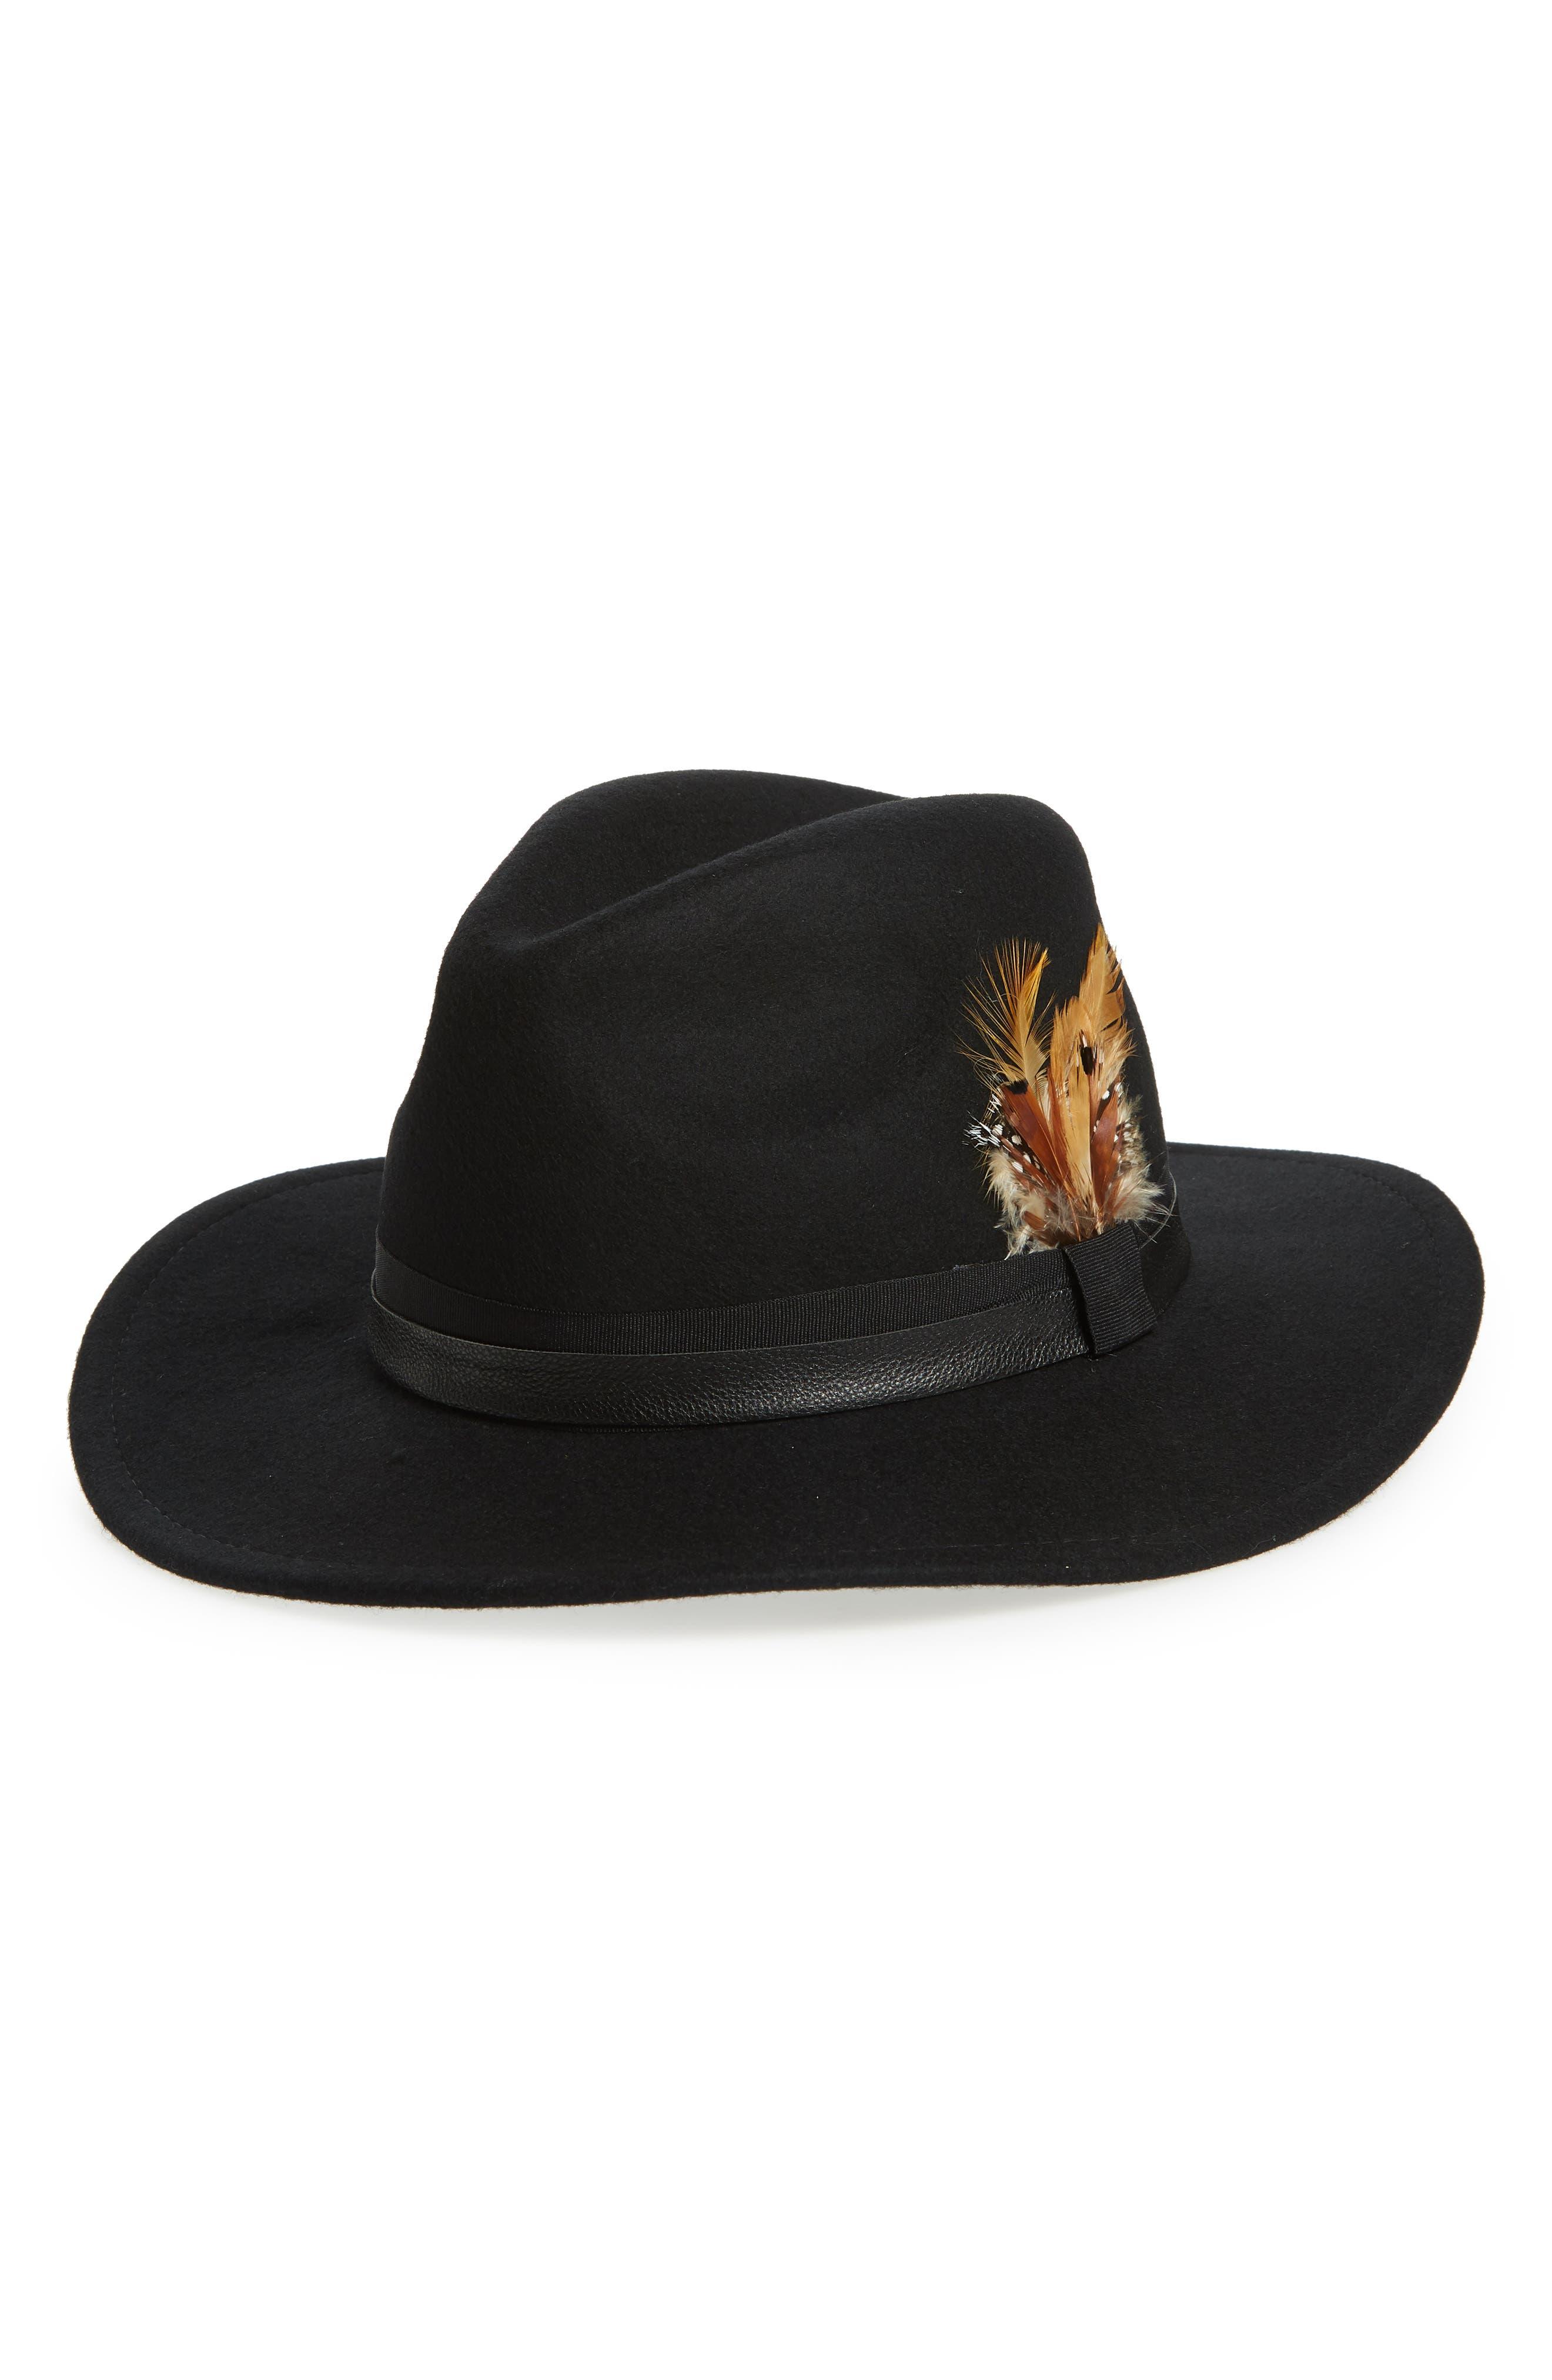 Feather Trim Panama Hat,                             Main thumbnail 1, color,                             BLACK